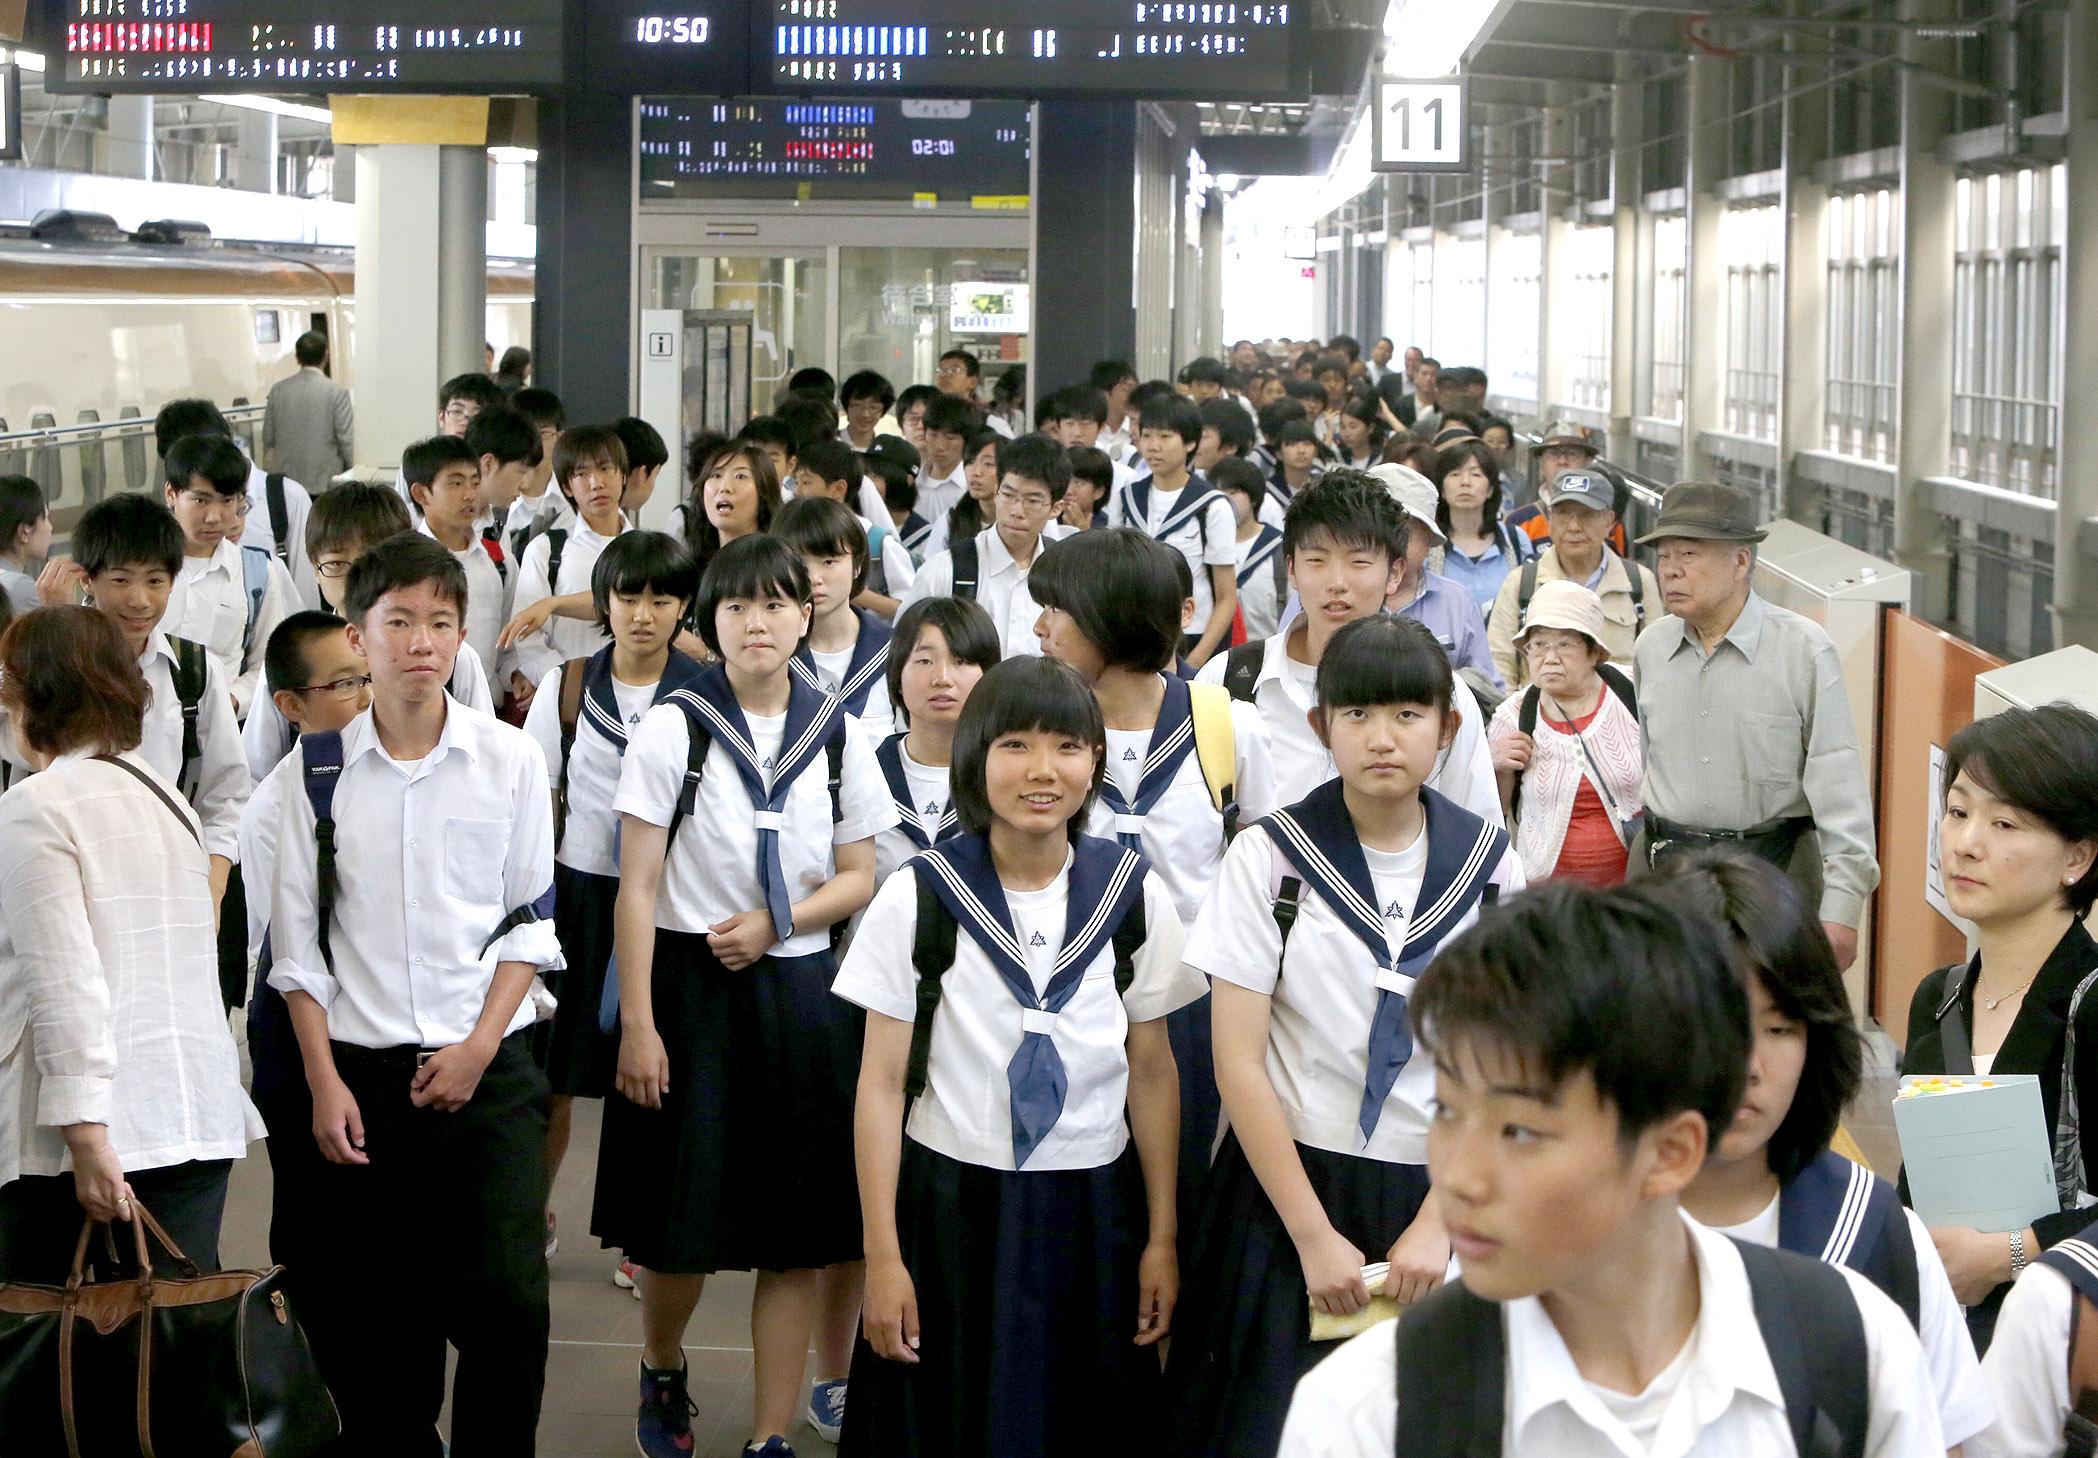 北陸新幹線を利用して修学旅行に訪れ、笑顔でホームを歩く船橋中の生徒=20日午前10時50分、JR金沢駅